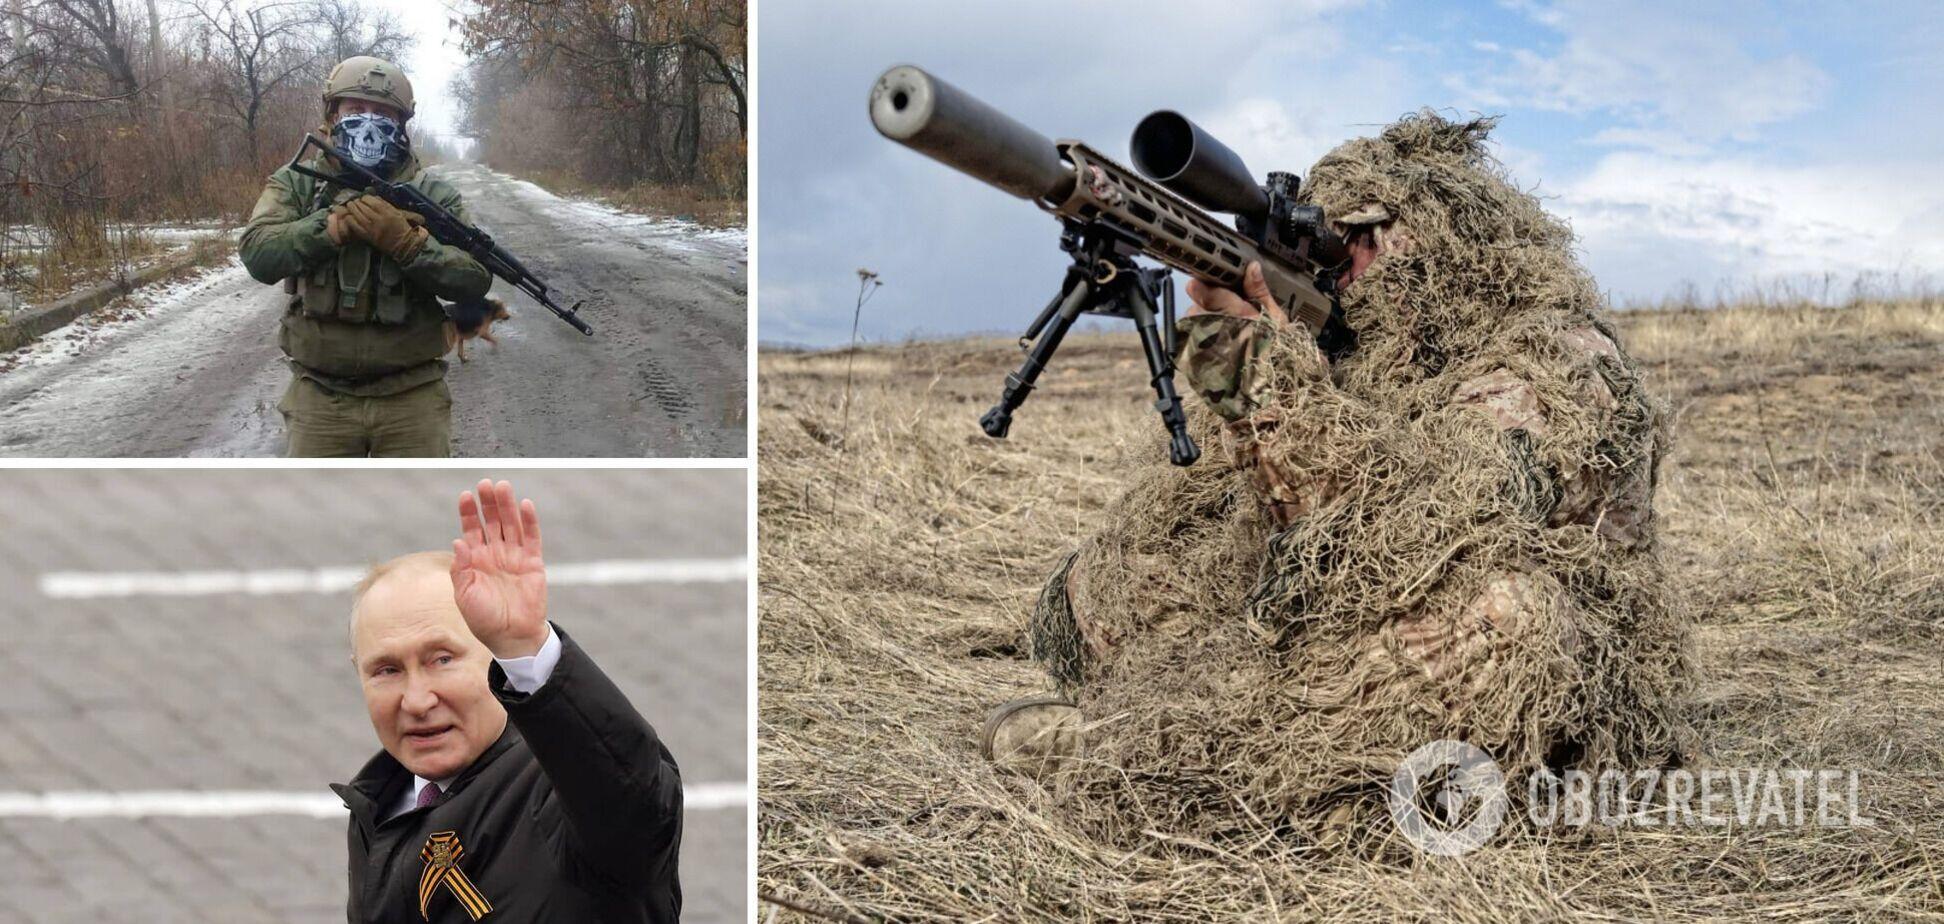 Лучший стрелок ВСУ заявил, что хотел бы уничтожить врага номер один – Путина